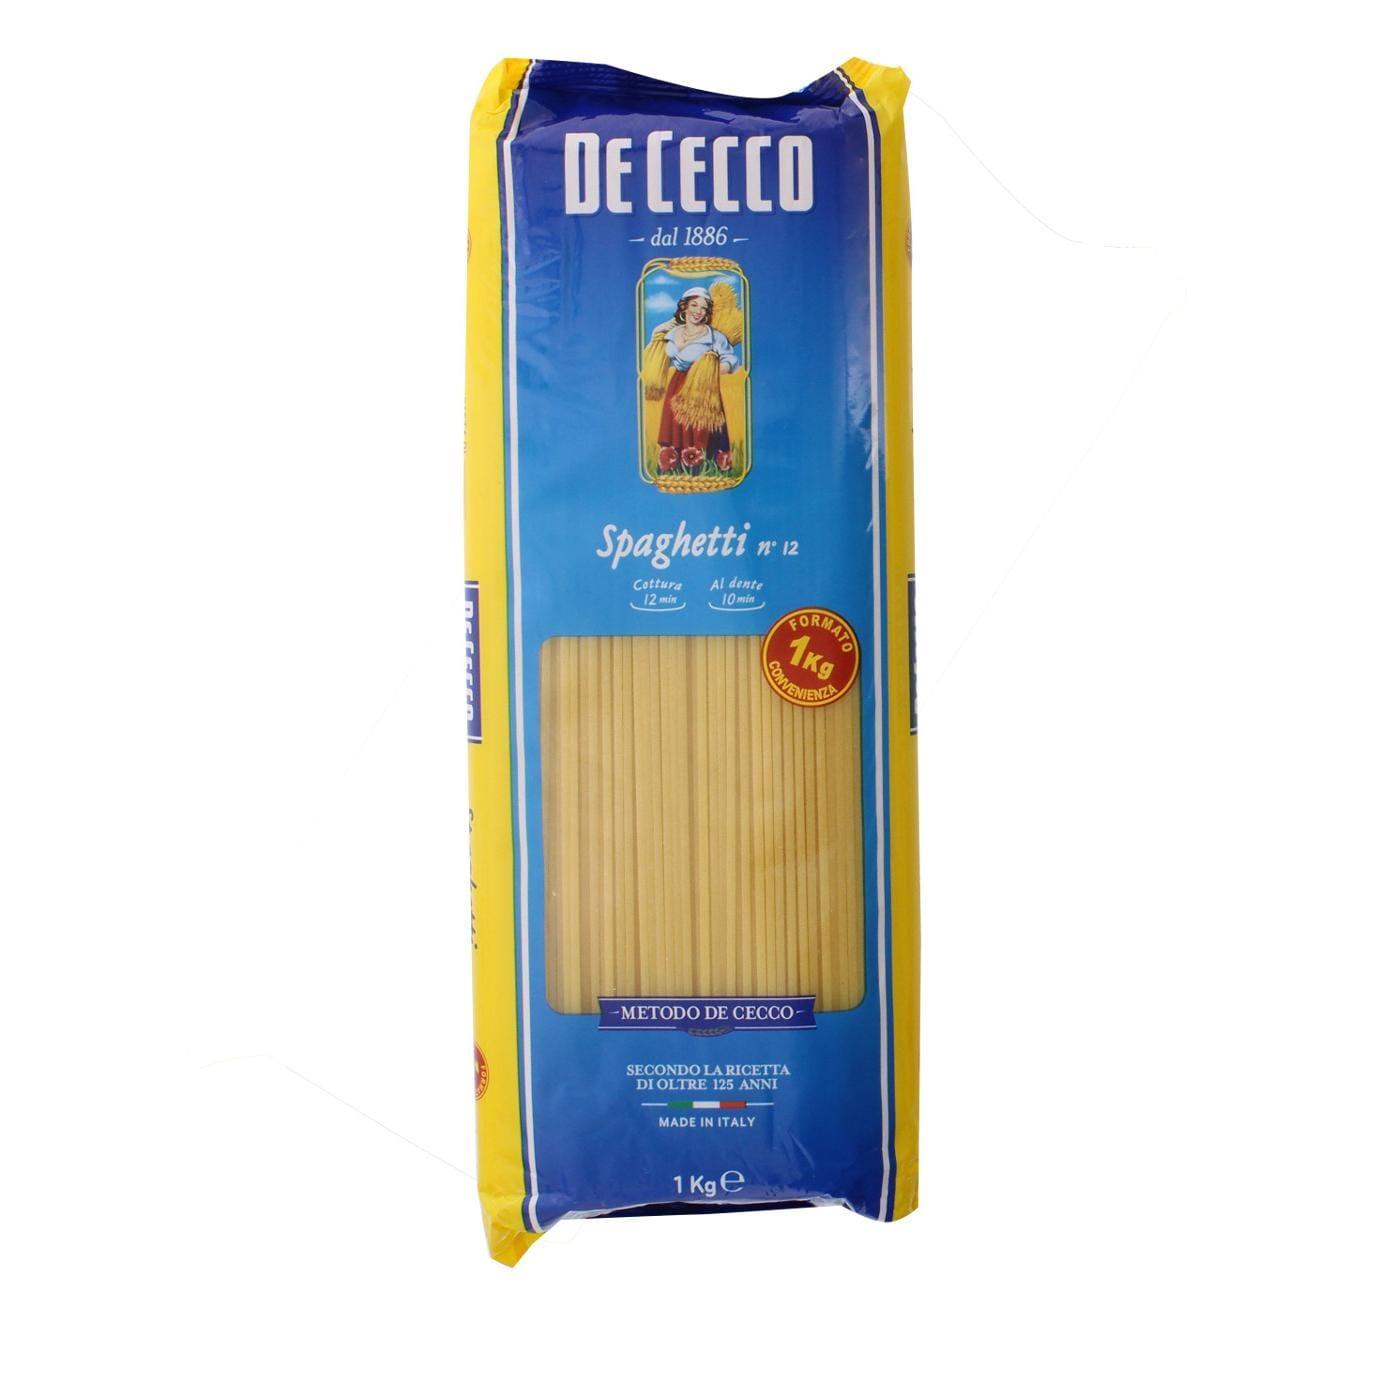 De Cecco - Spaghetti Nr.12 Pasta Nudeln - 1kg